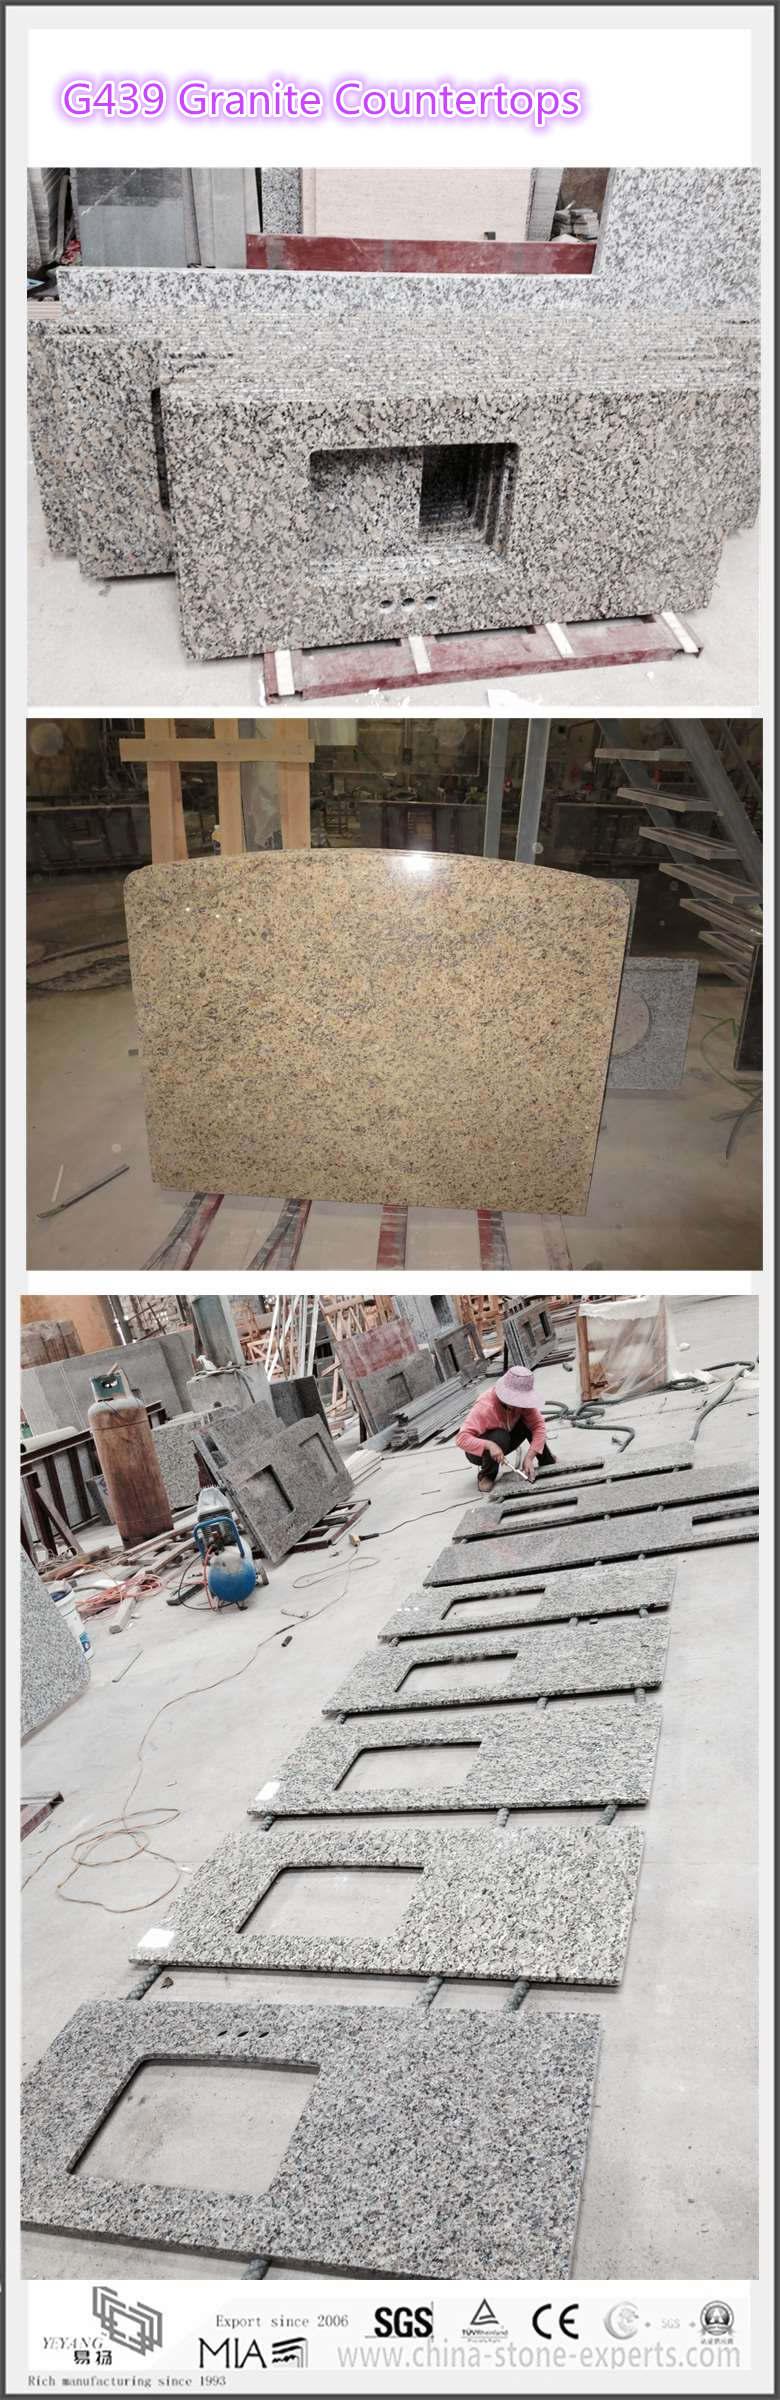 G439 granite countertop banner_01